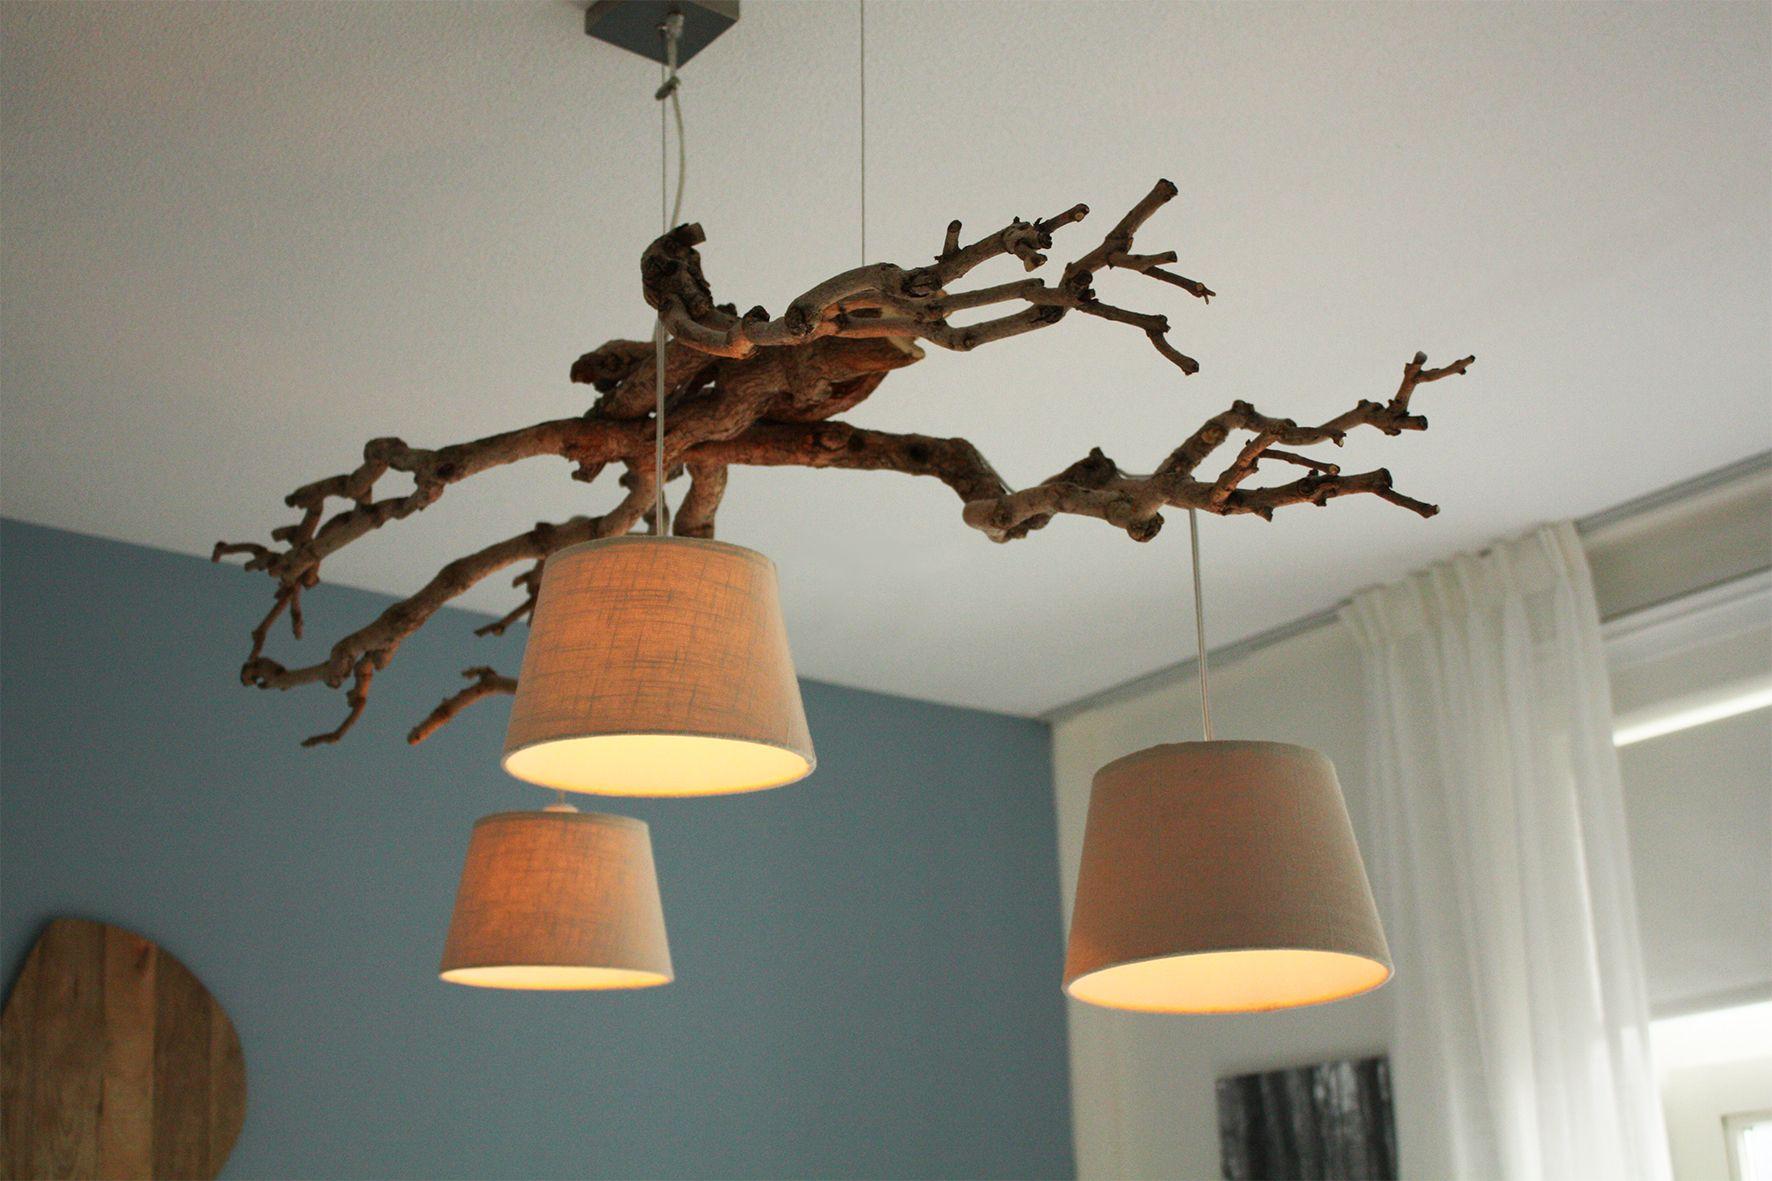 Populair Lamp gemaakt van boom takken. Gemakkelijk zelf te maken #VF32